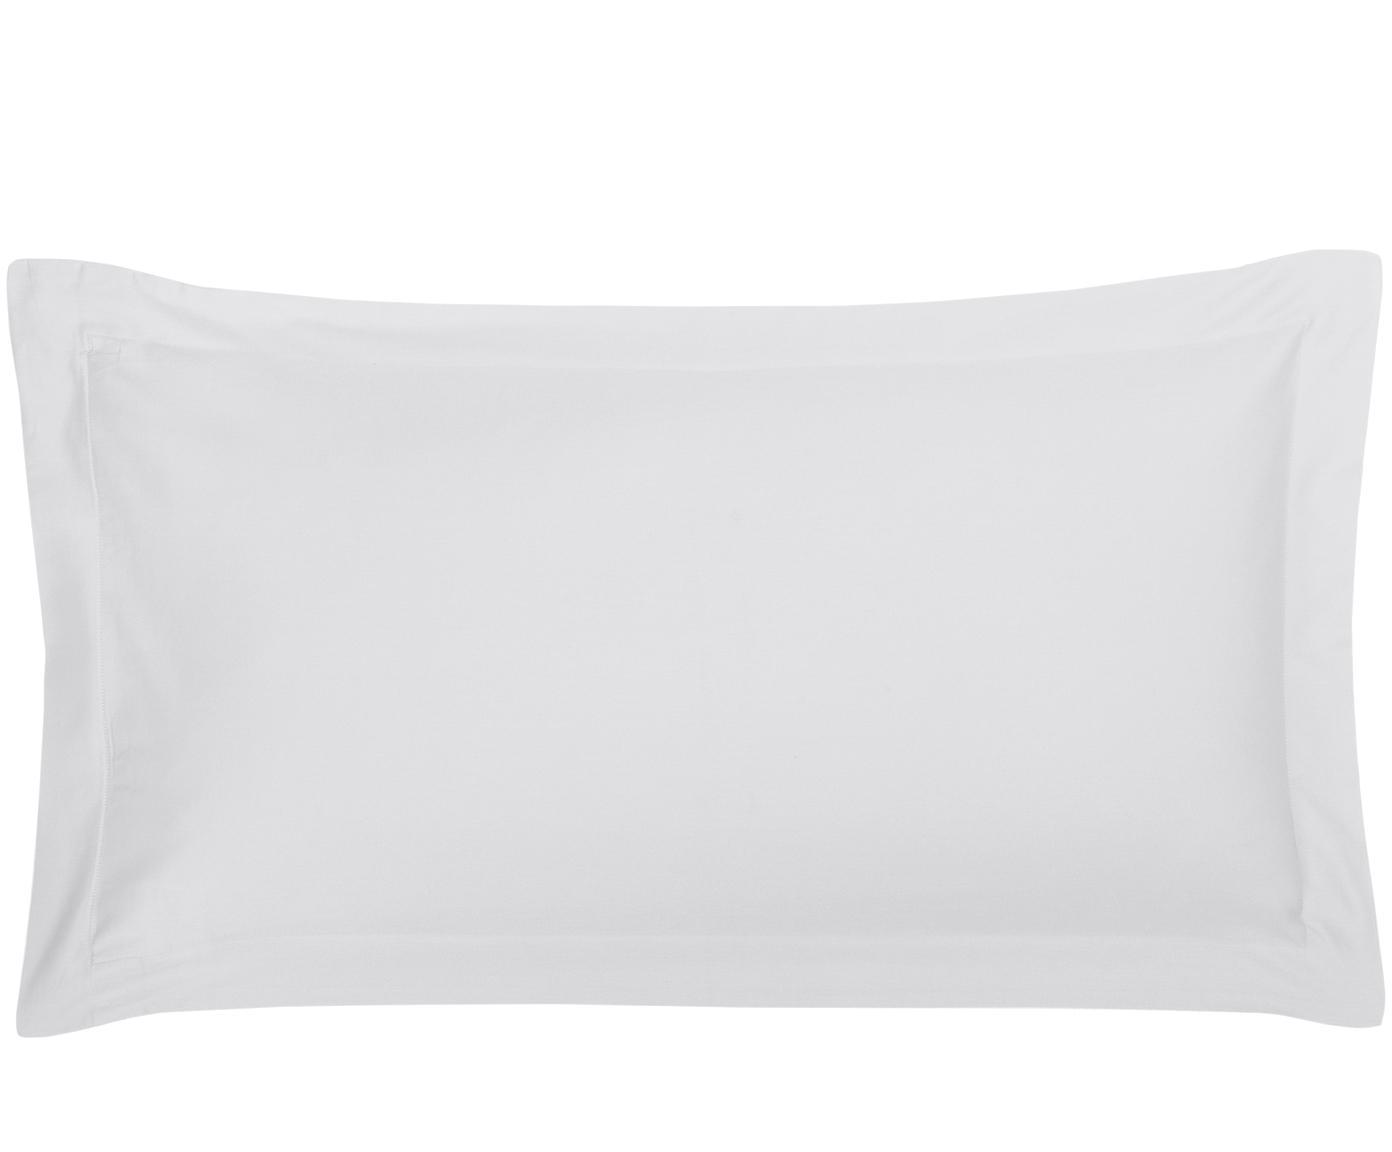 Poszewka na poduszkę z satyny bawełnianej Premium, 2 szt., Jasny szary, S 40 x D 80 cm